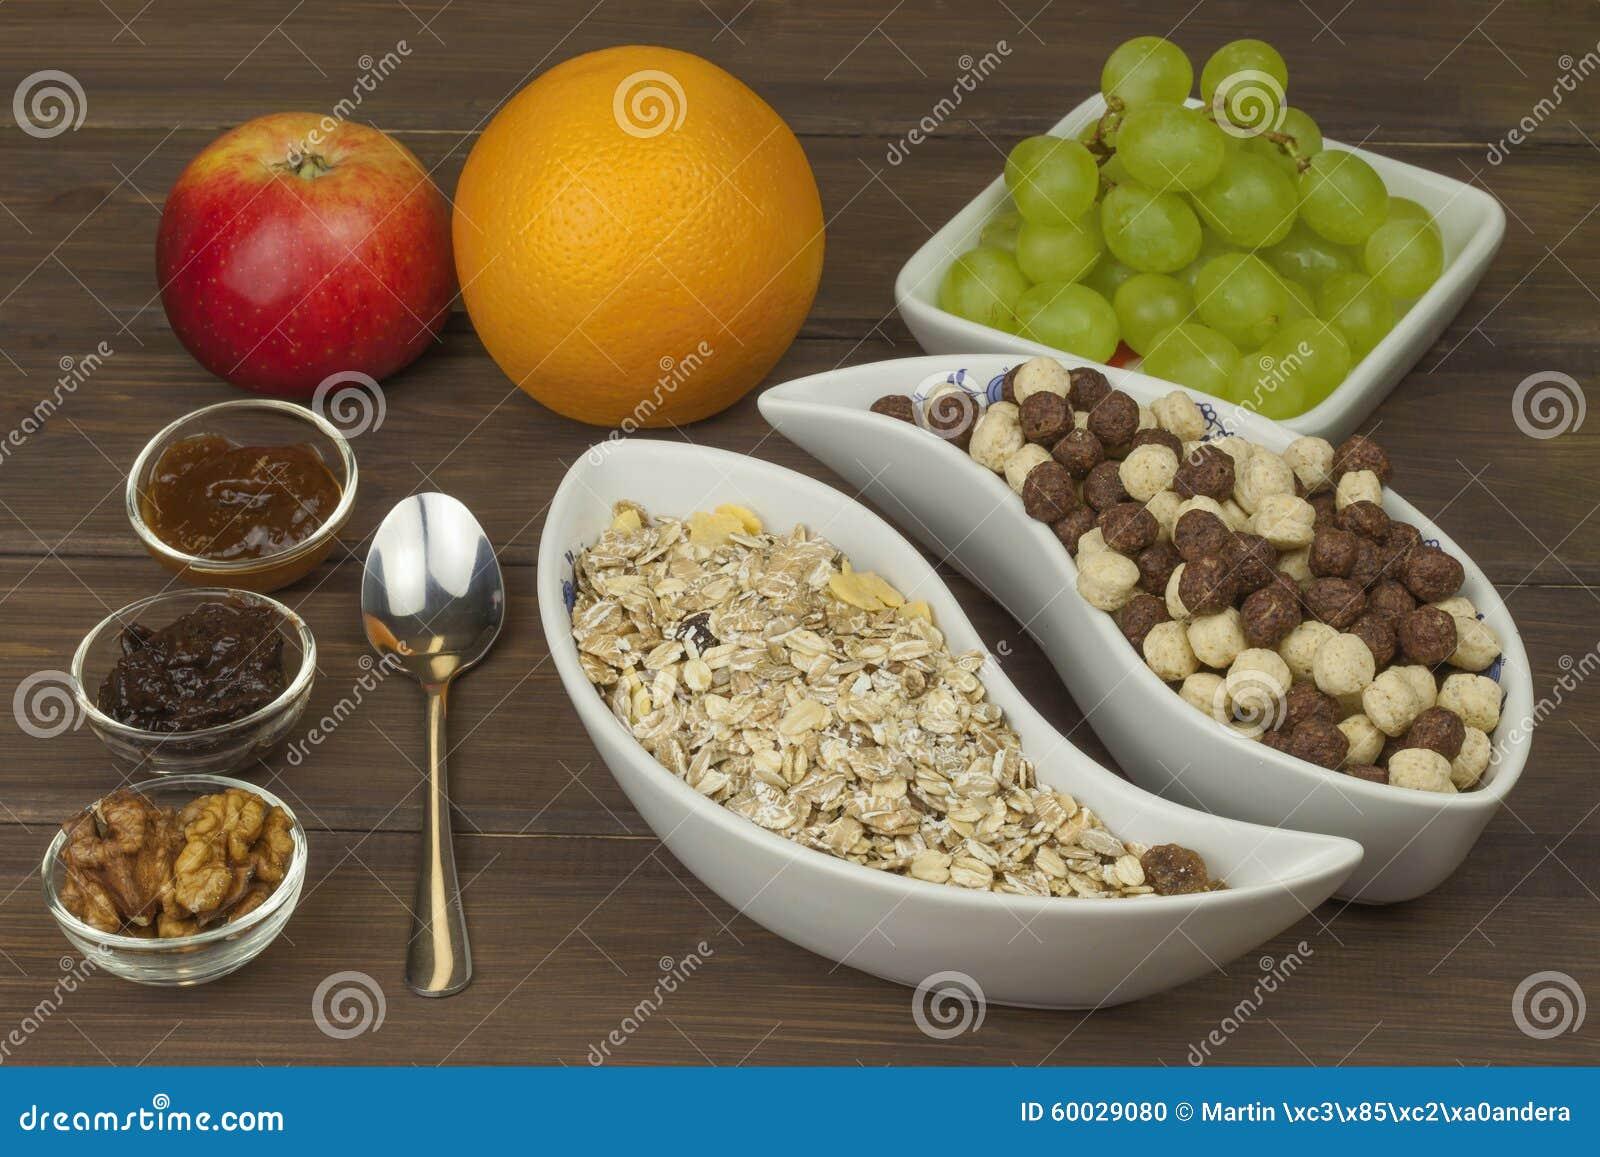 Frühstück der gesunden Diät des Hafermehls, des Getreides und der Frucht Nahrungsmittel voll von Energie für Athleten Das Konzept